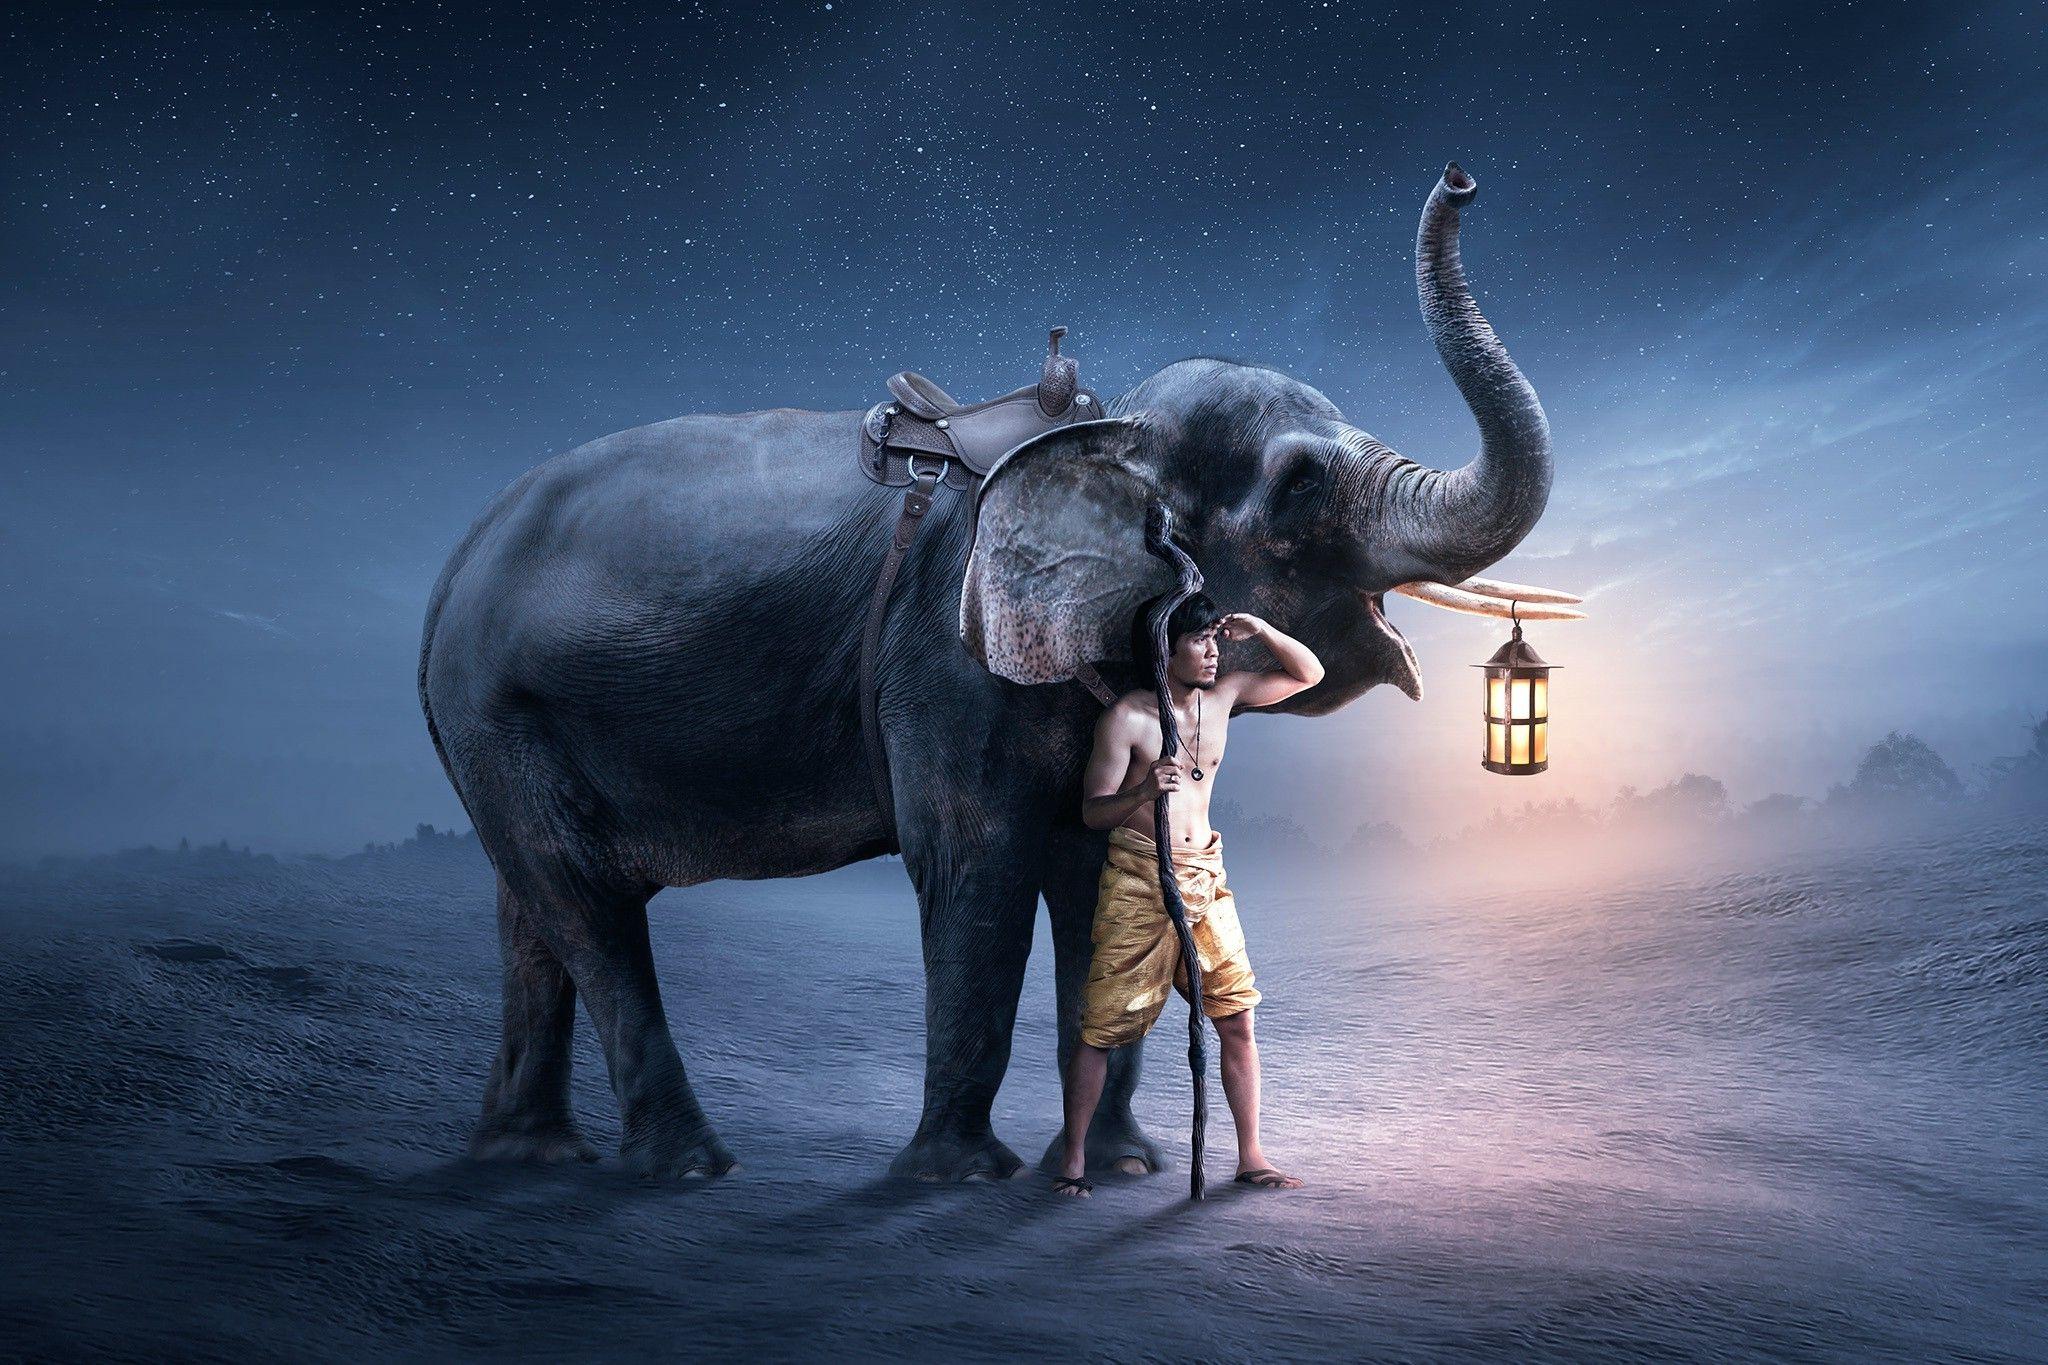 elephant iphone background